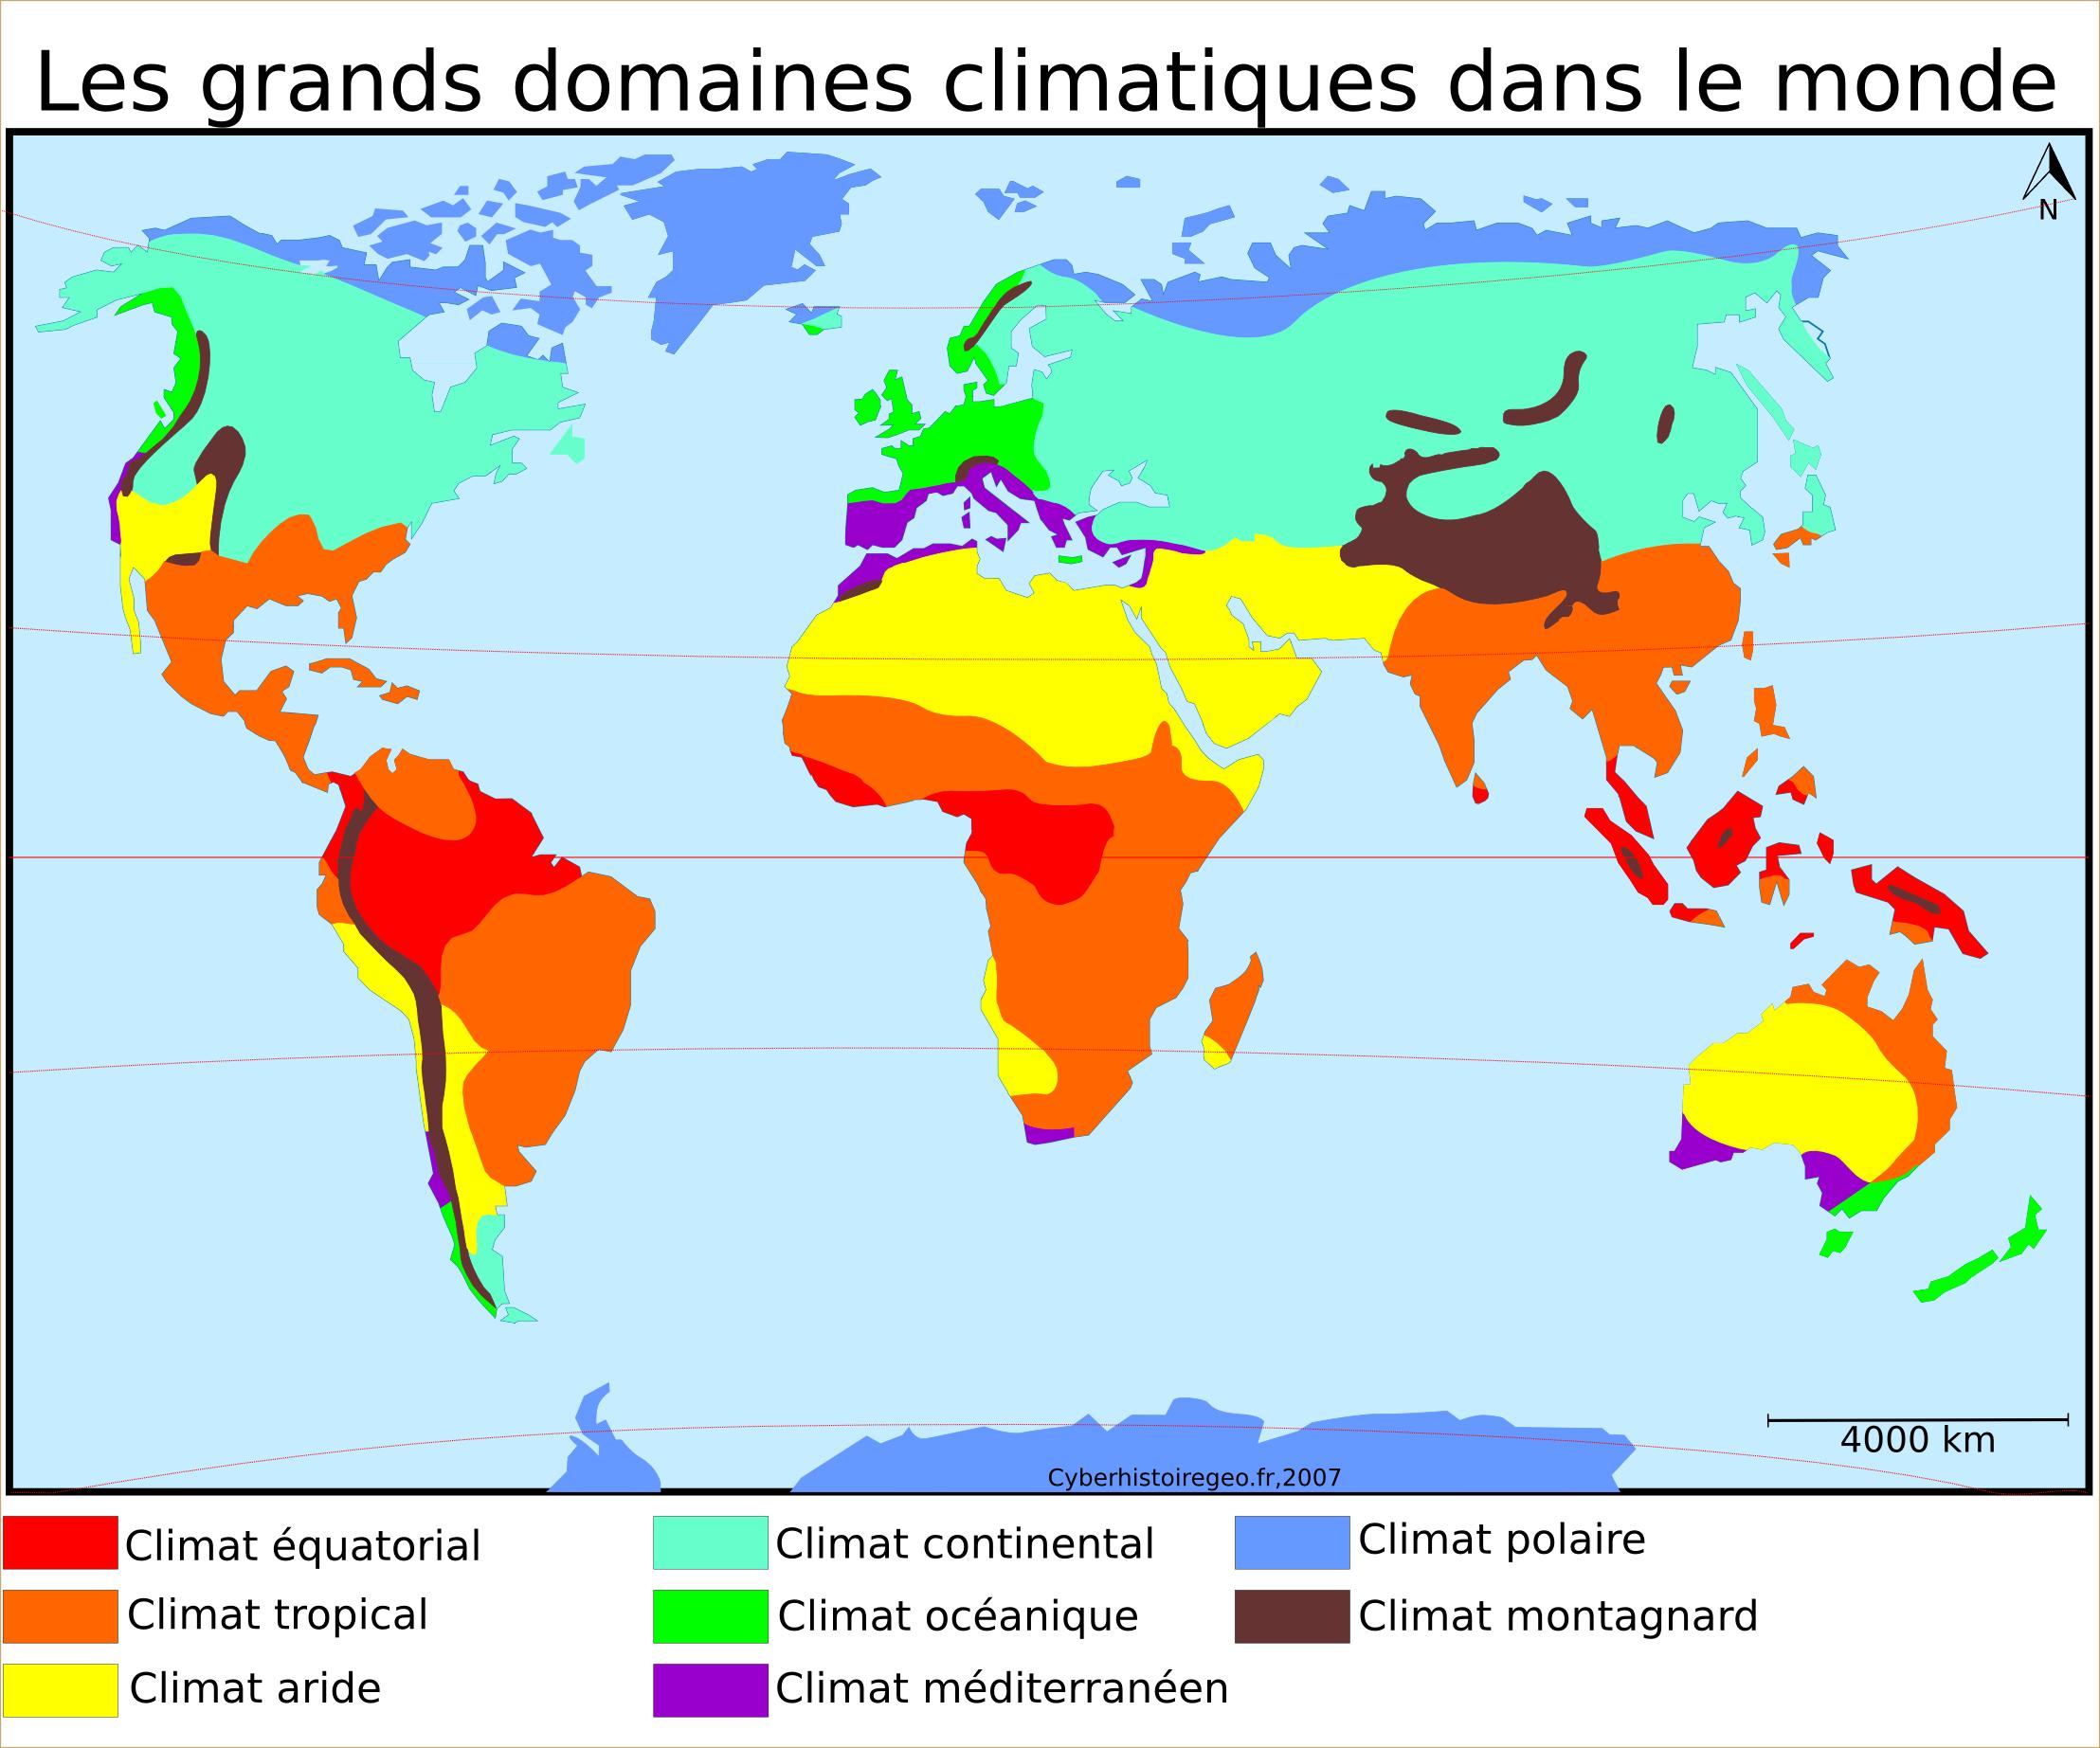 Les grands domaines climatiques dans le monde – Cyberhistoiregeo Carto